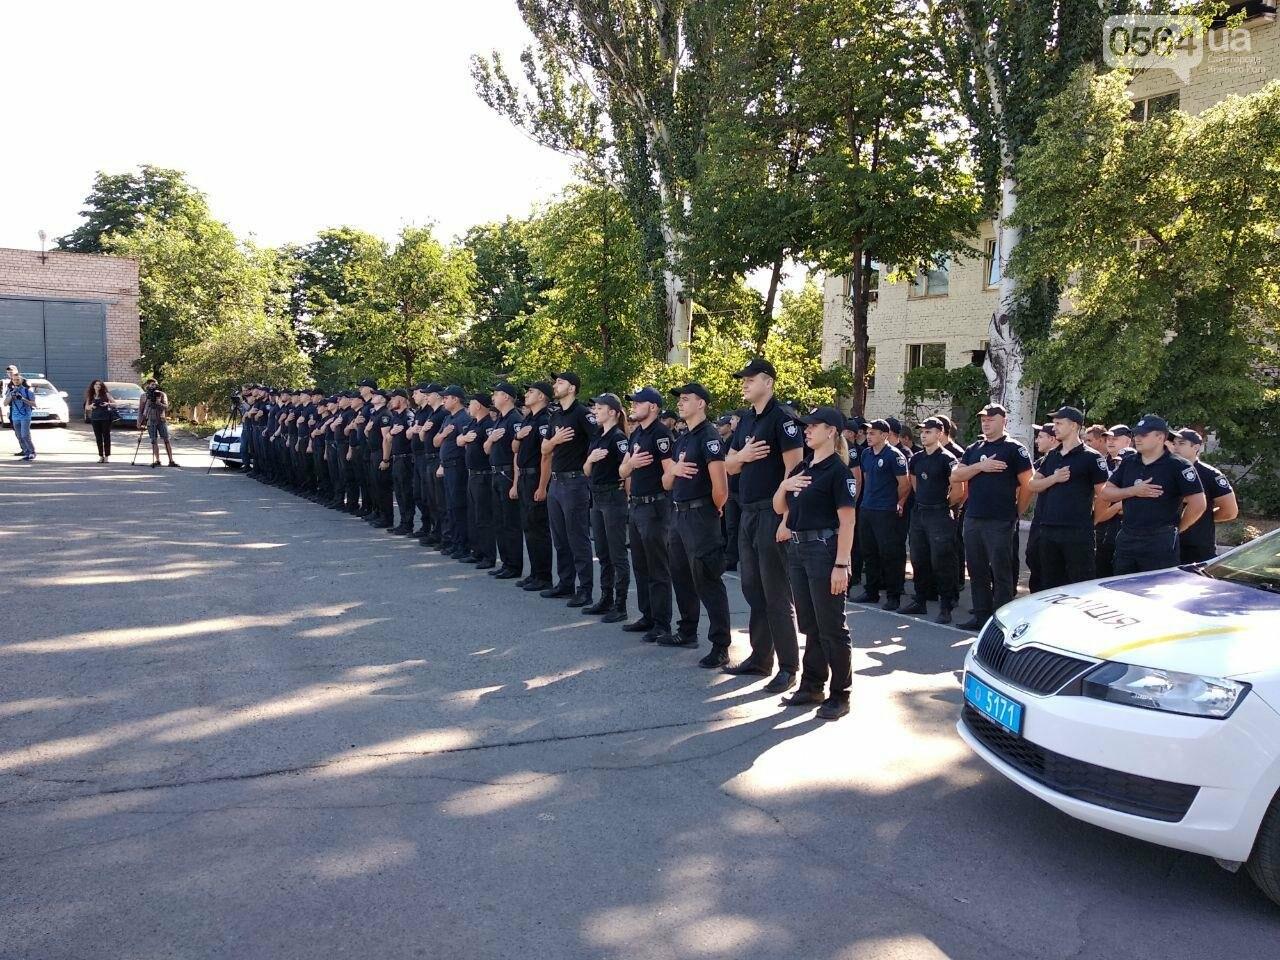 В Кривом Роге наградили патрульных за добросовестное выполнение служебных обязанностей, - ФОТО, фото-4